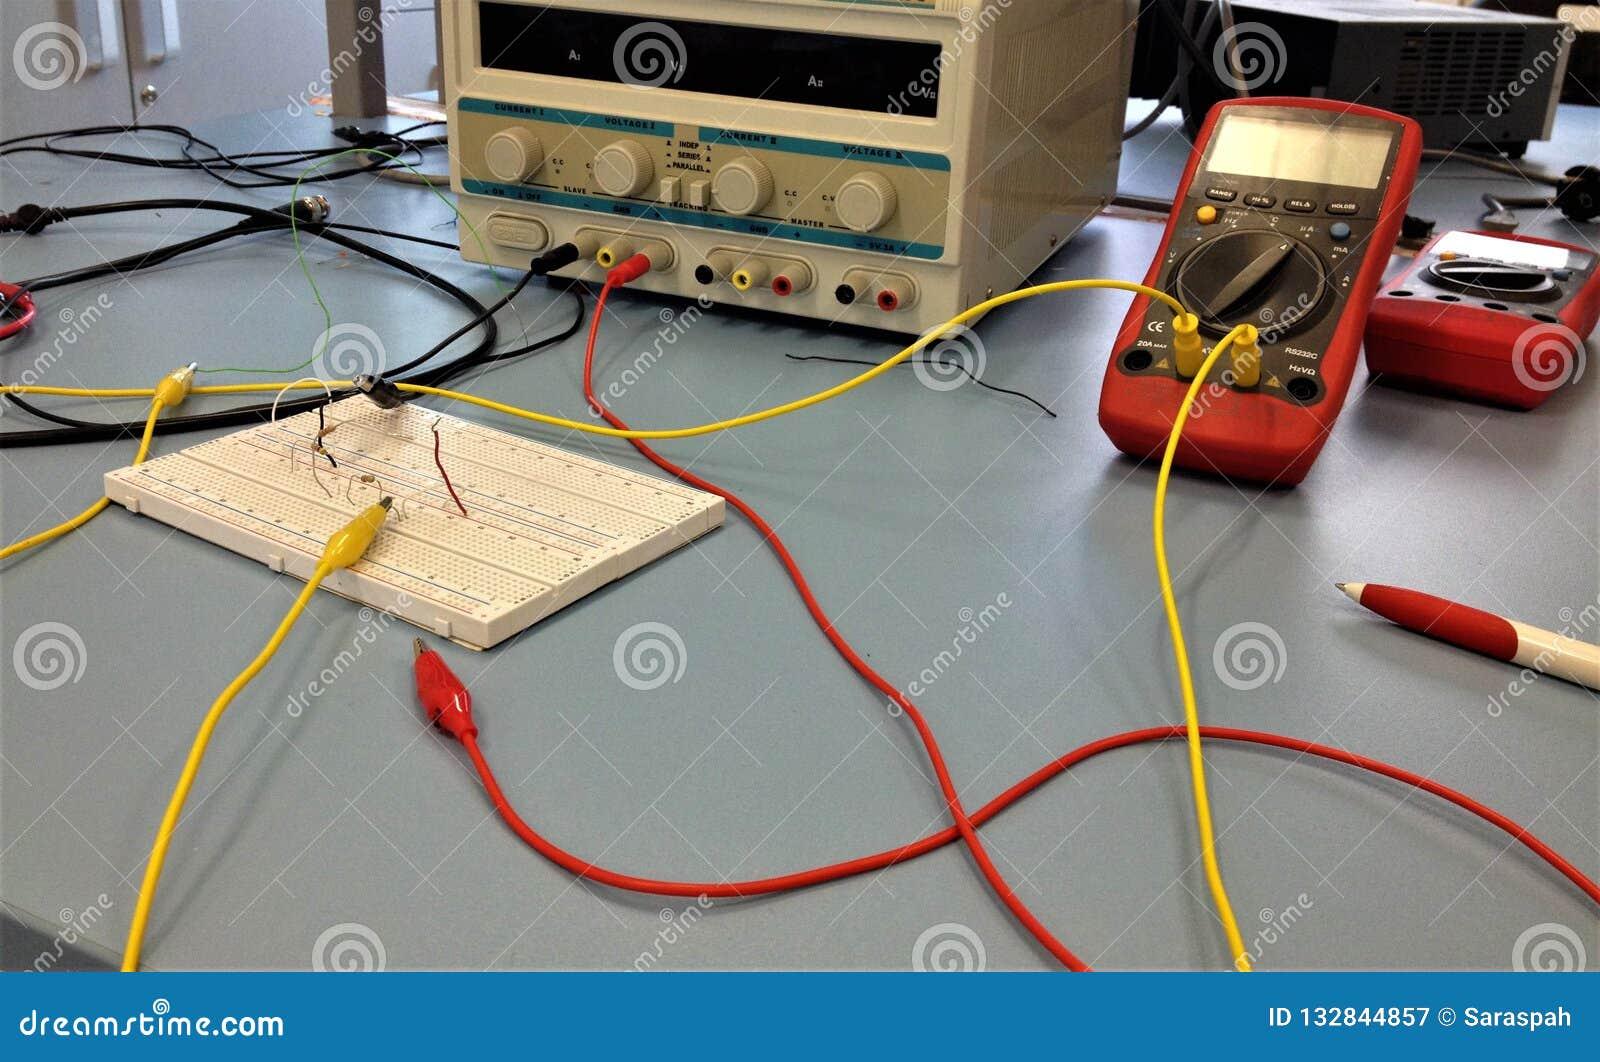 Elektroniki lab wyposażenie, instrumenty i breadboard,